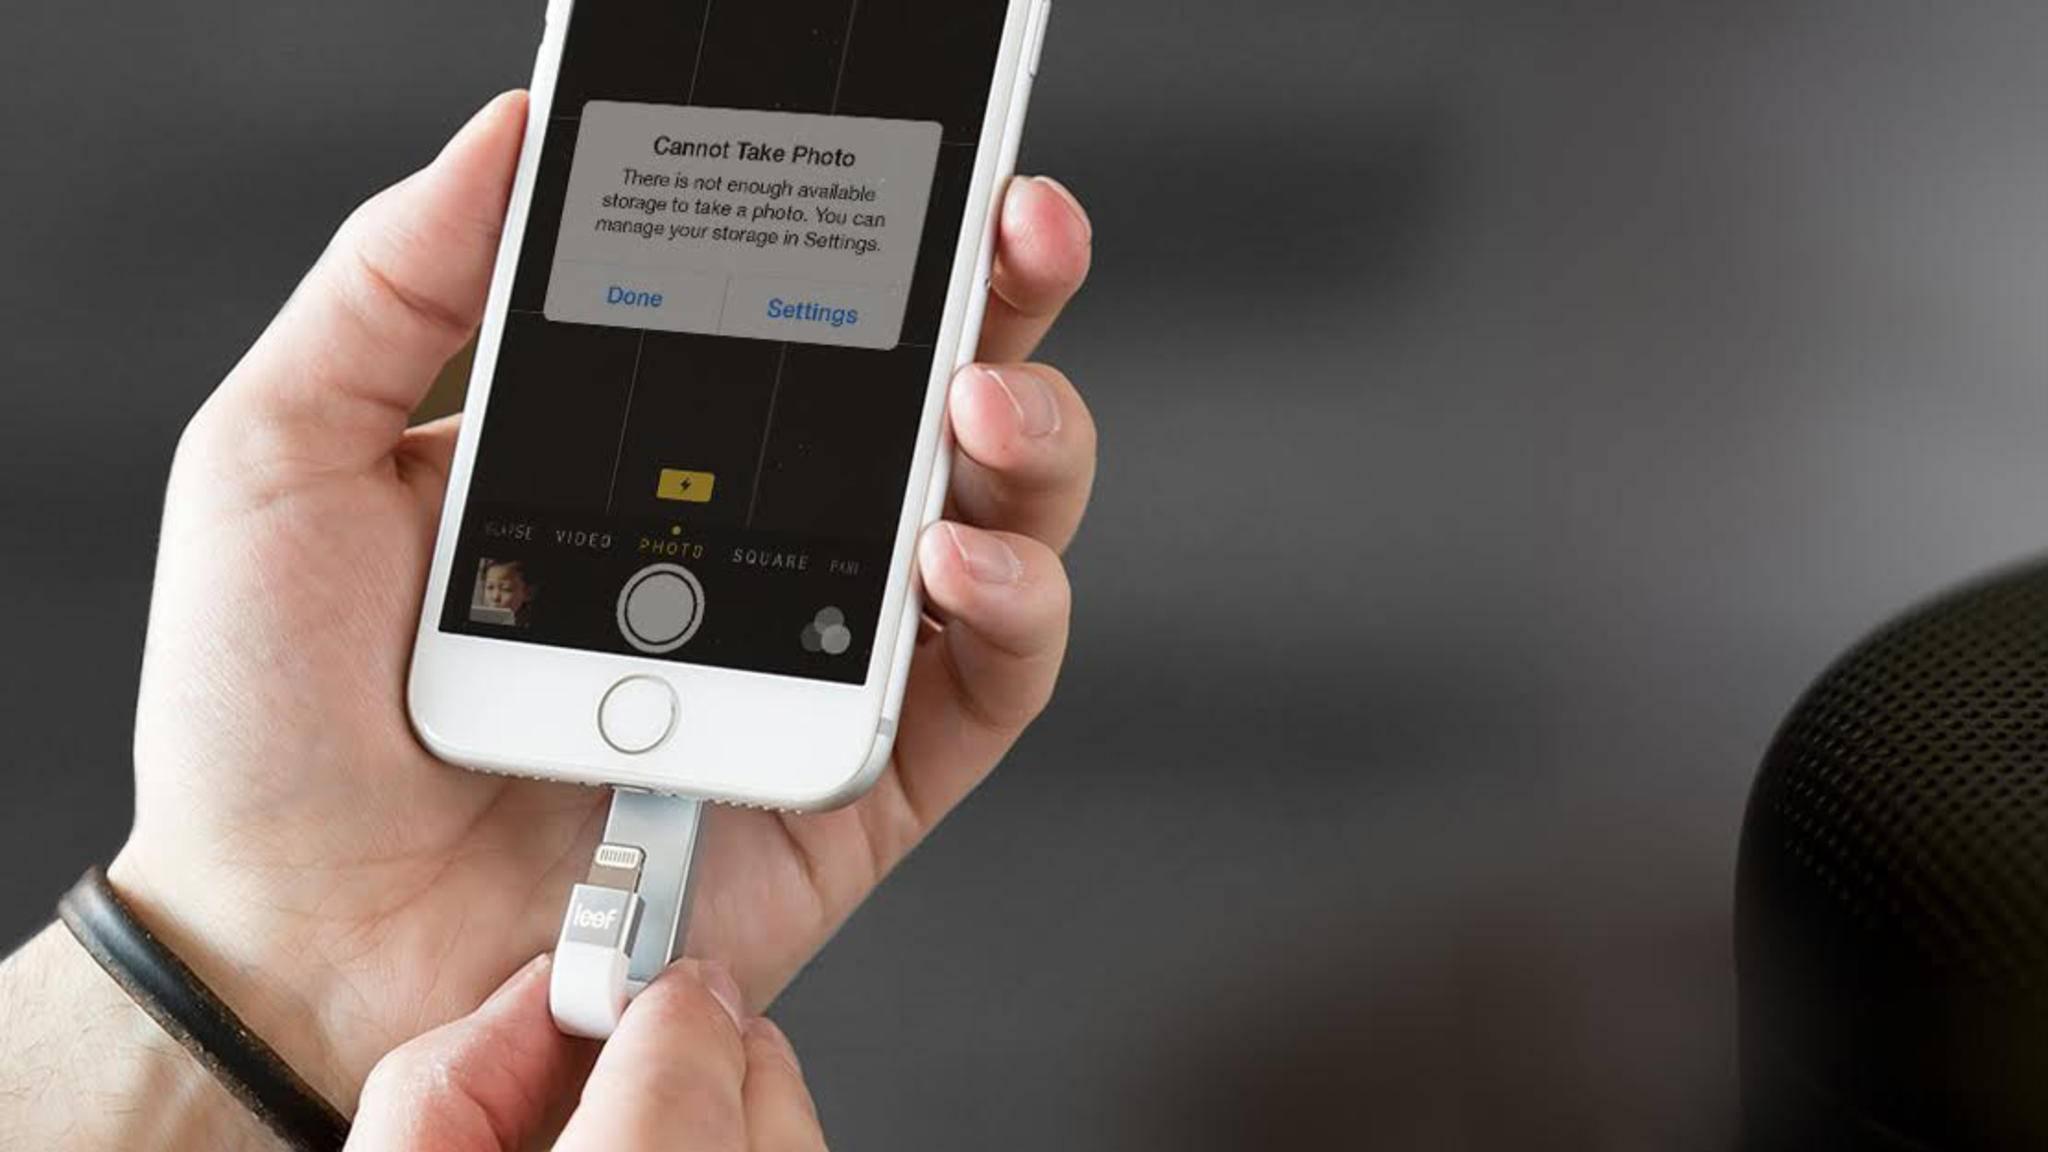 Mit ein paar cleveren Gadgets kannst Du den iPhone-Speicher im Handumdrehen erweitern.